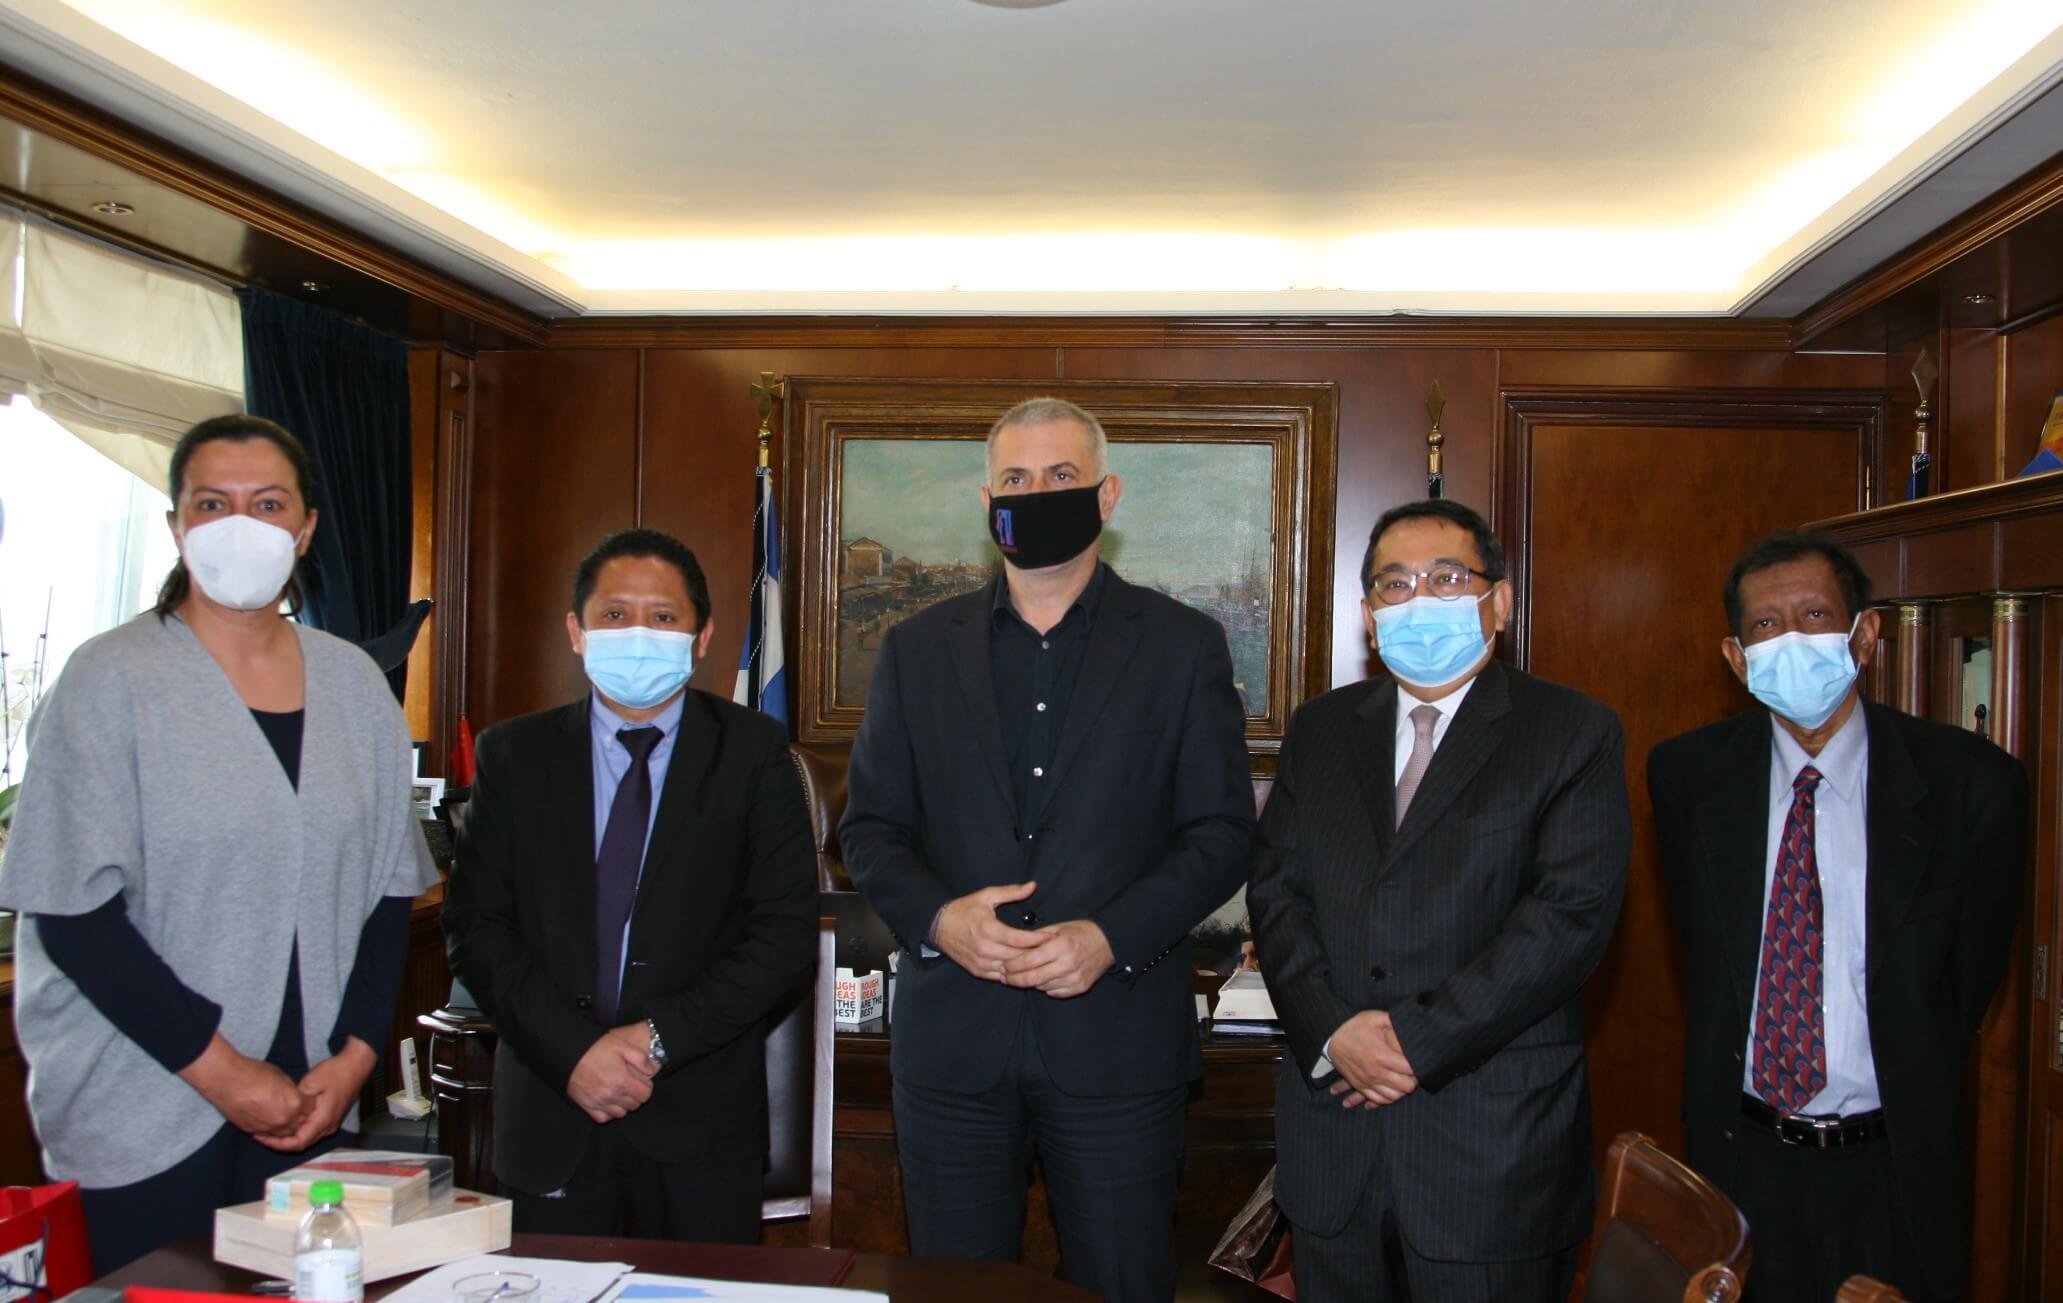 Πειραιάς: Εθιμοτυπικές συναντήσεις του Γιάννη Μώραλη με τους πρέσβεις της Ινδίας και της Δημοκρατίας της Ινδονησίας